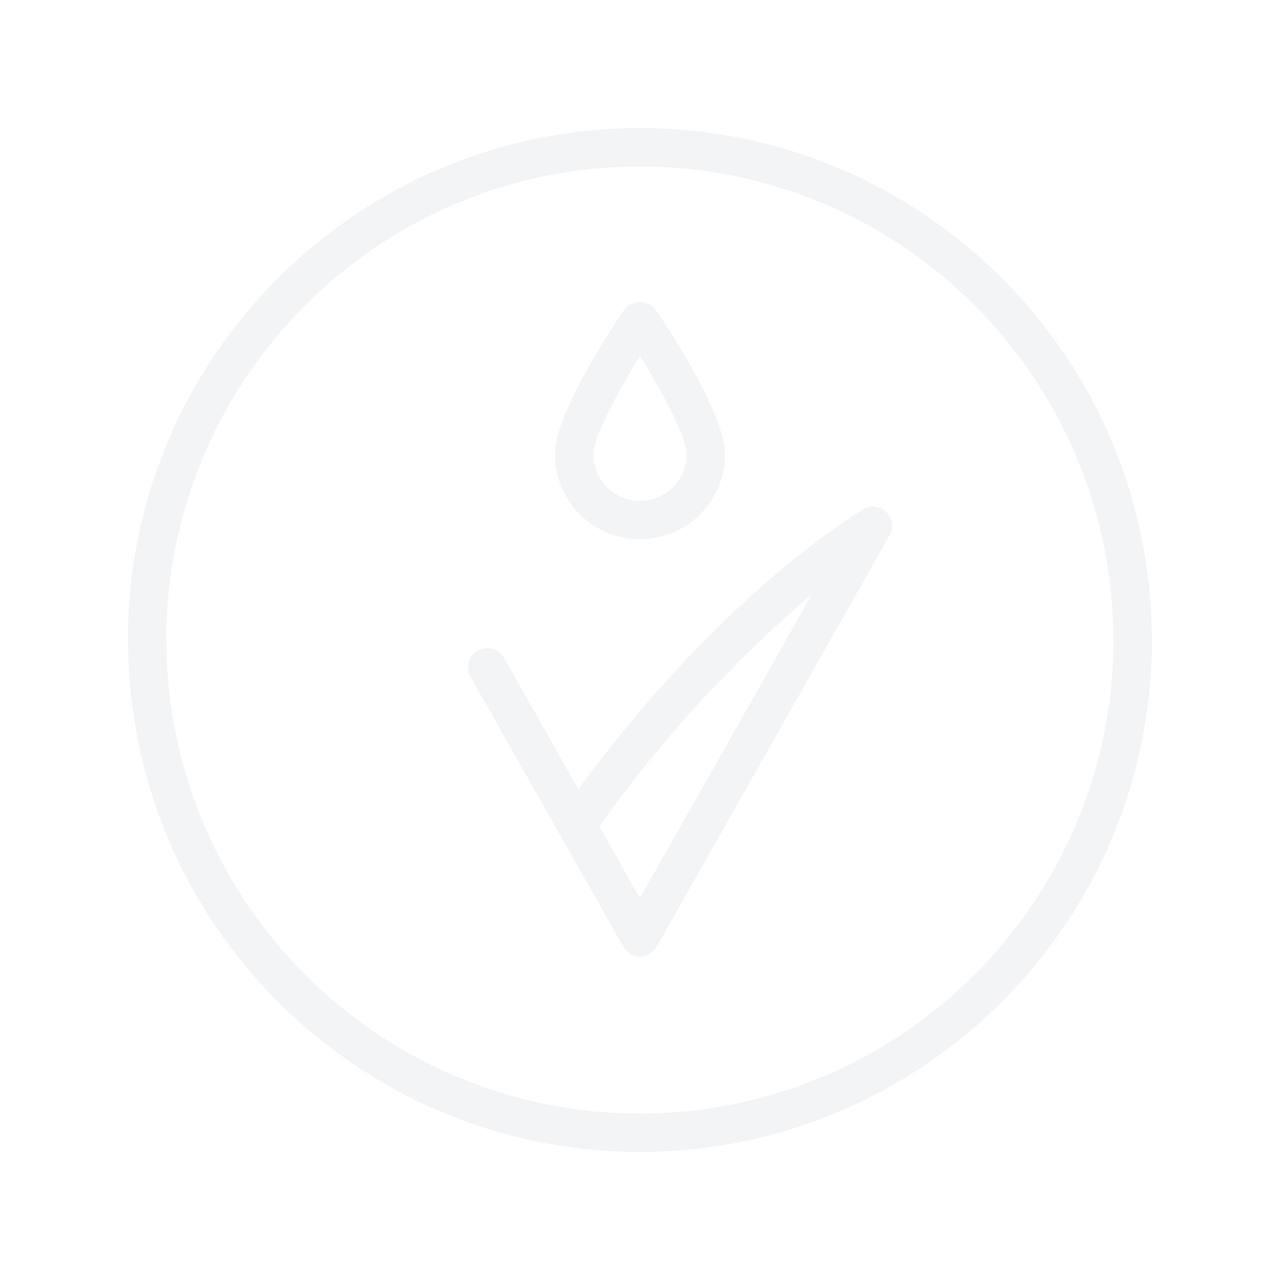 A´PIEU 36.5 Sweet Macaron Melting Hand Balm 35g